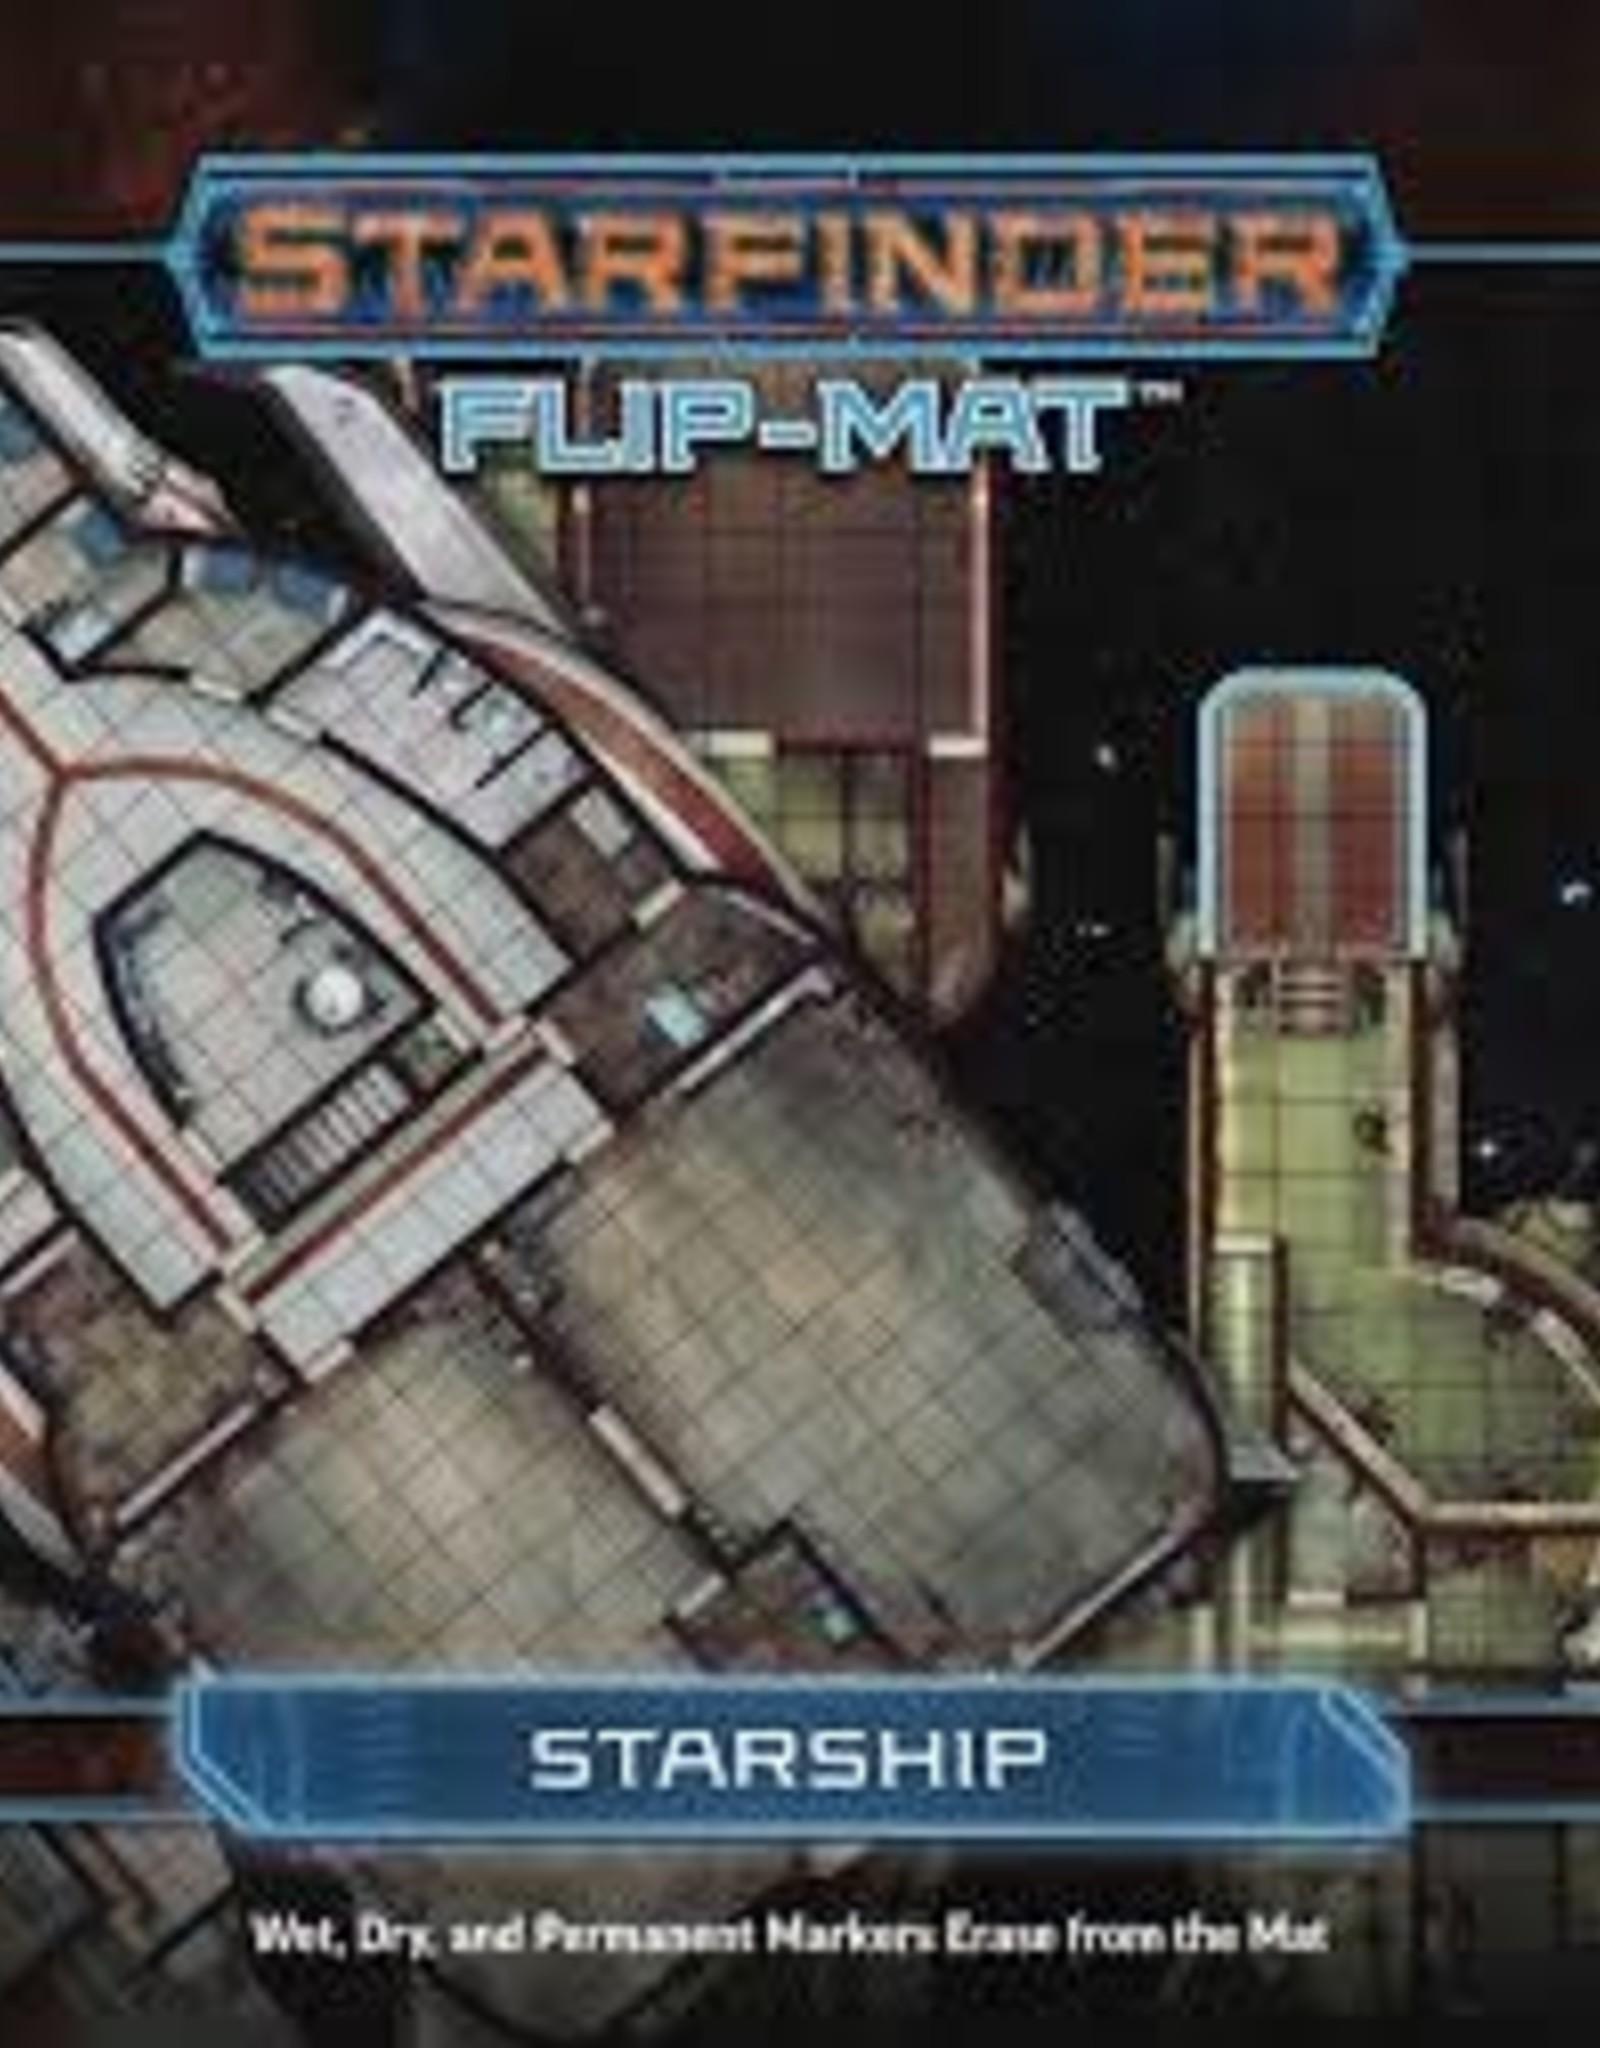 Starfinder RPG: Starship Flip-Mat